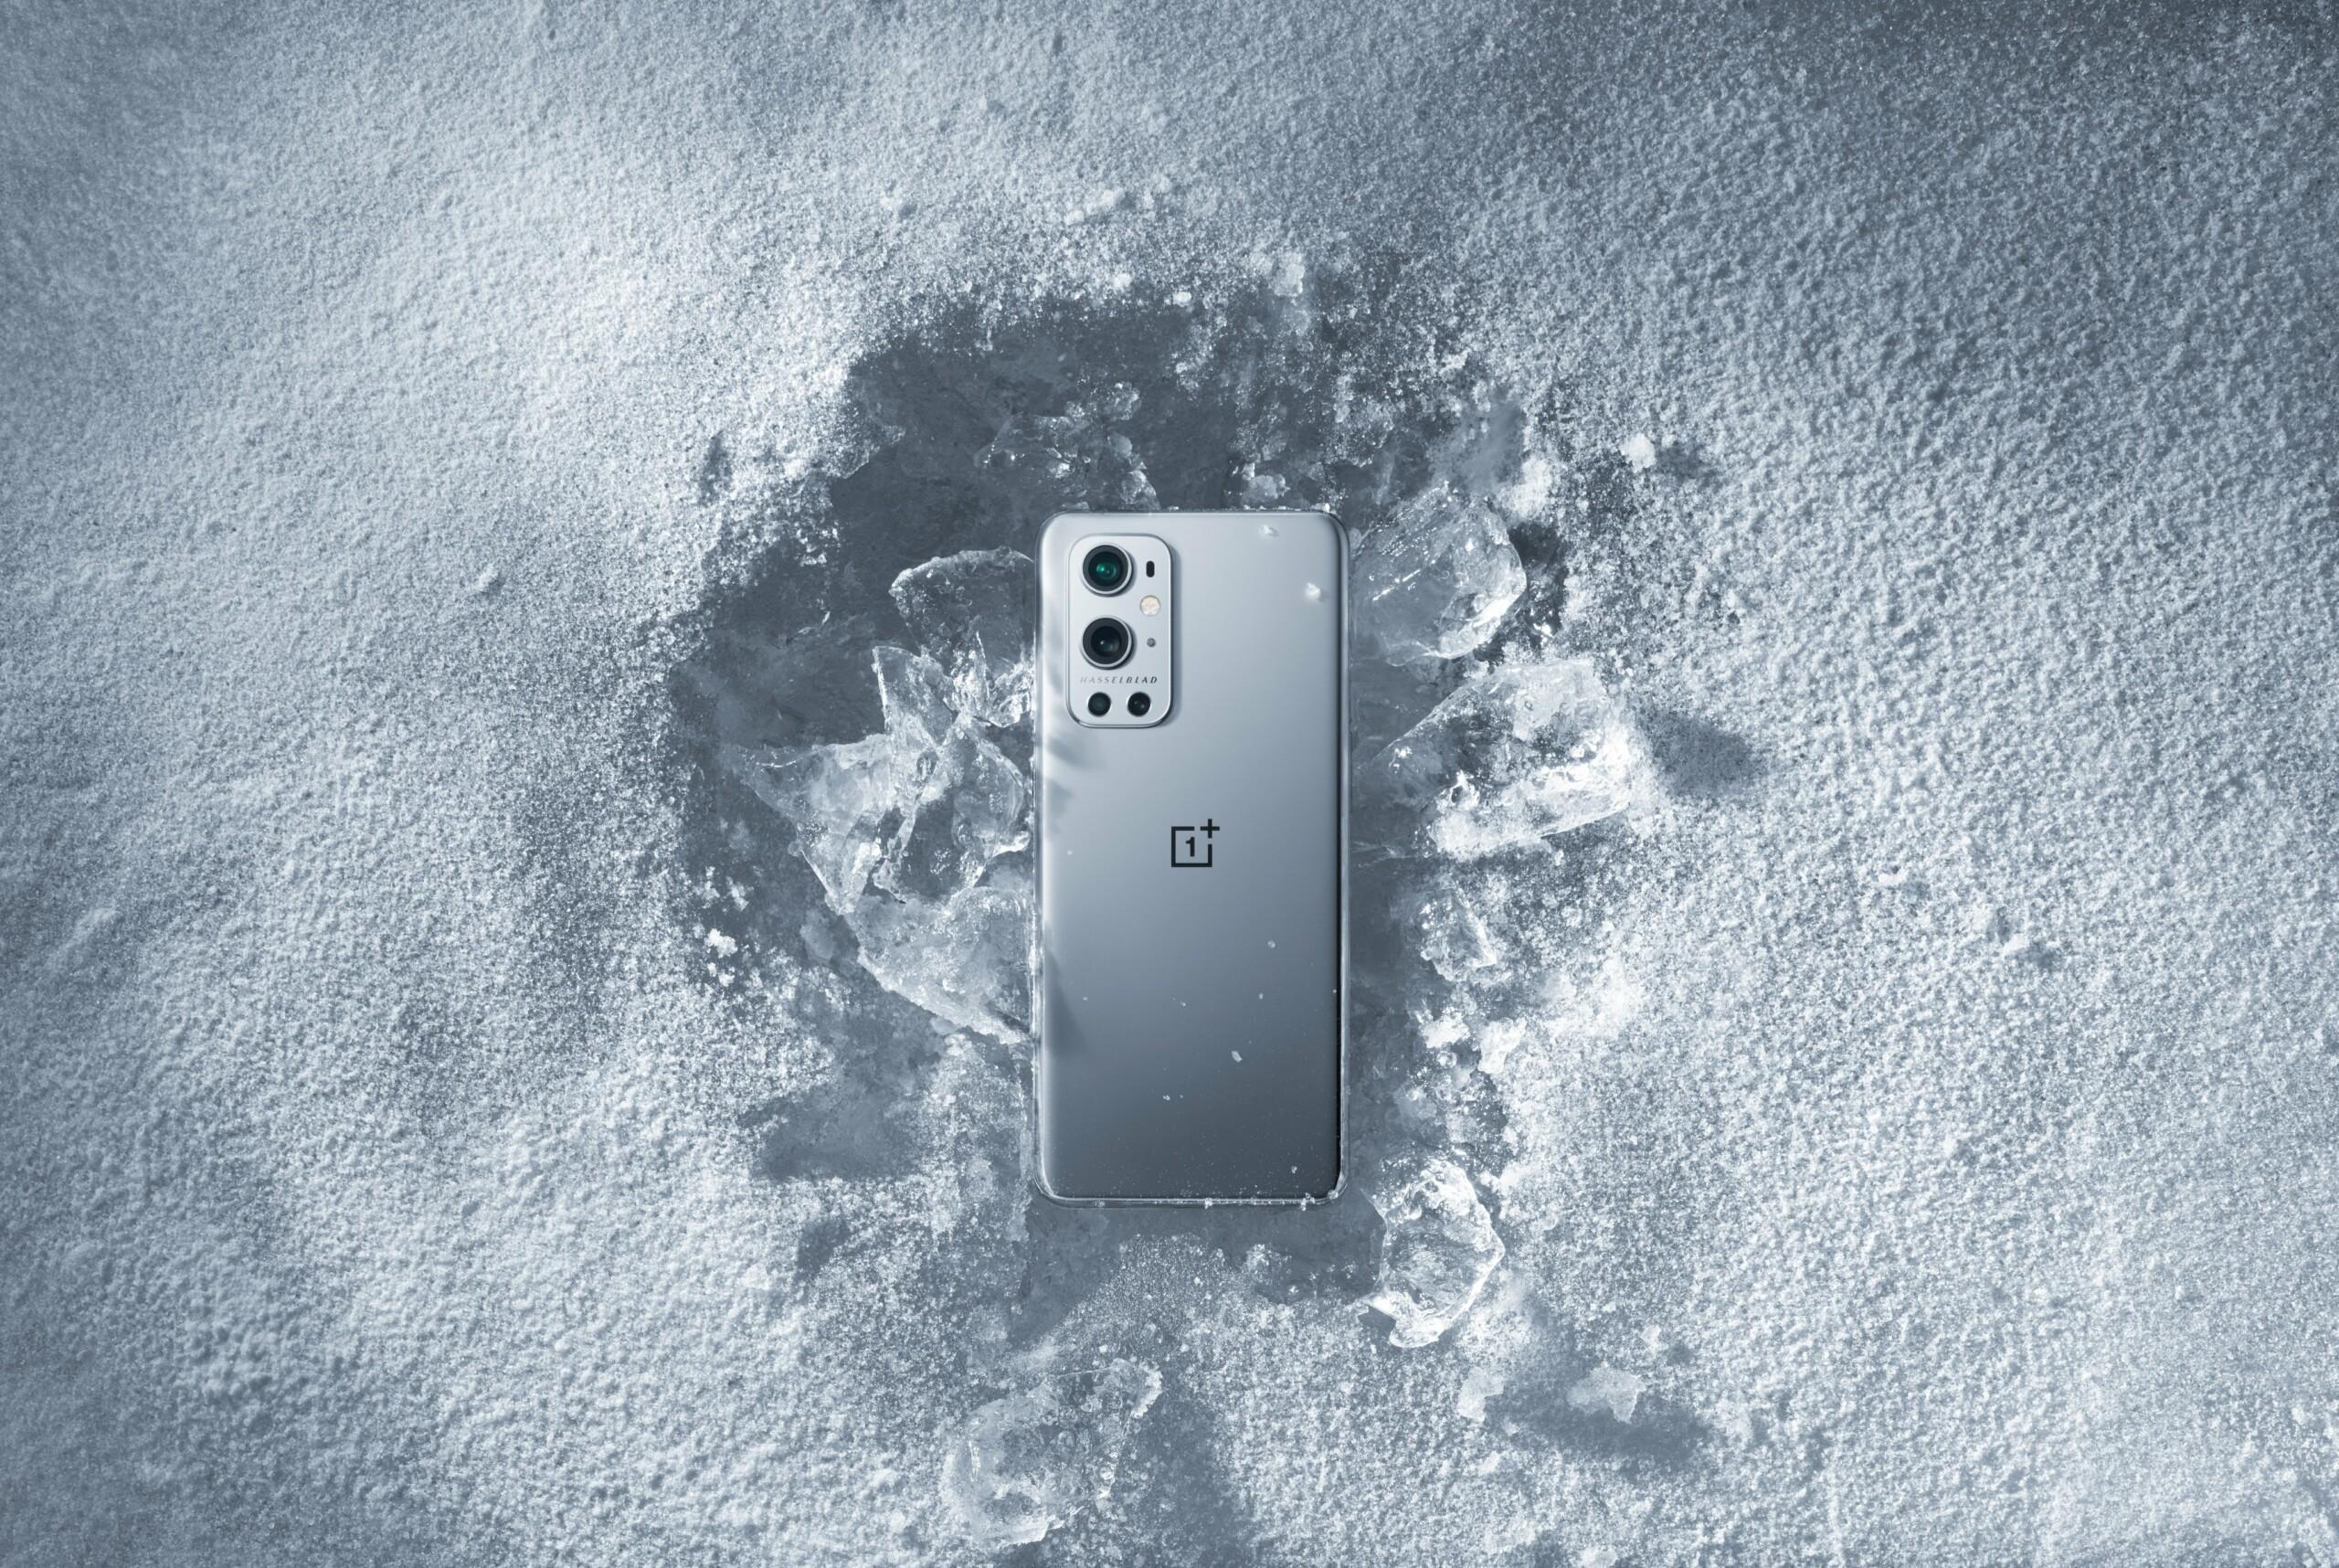 OnePlus 9 et 9 Pro : DisplayMate a testé l'écran, avant même l'annonce